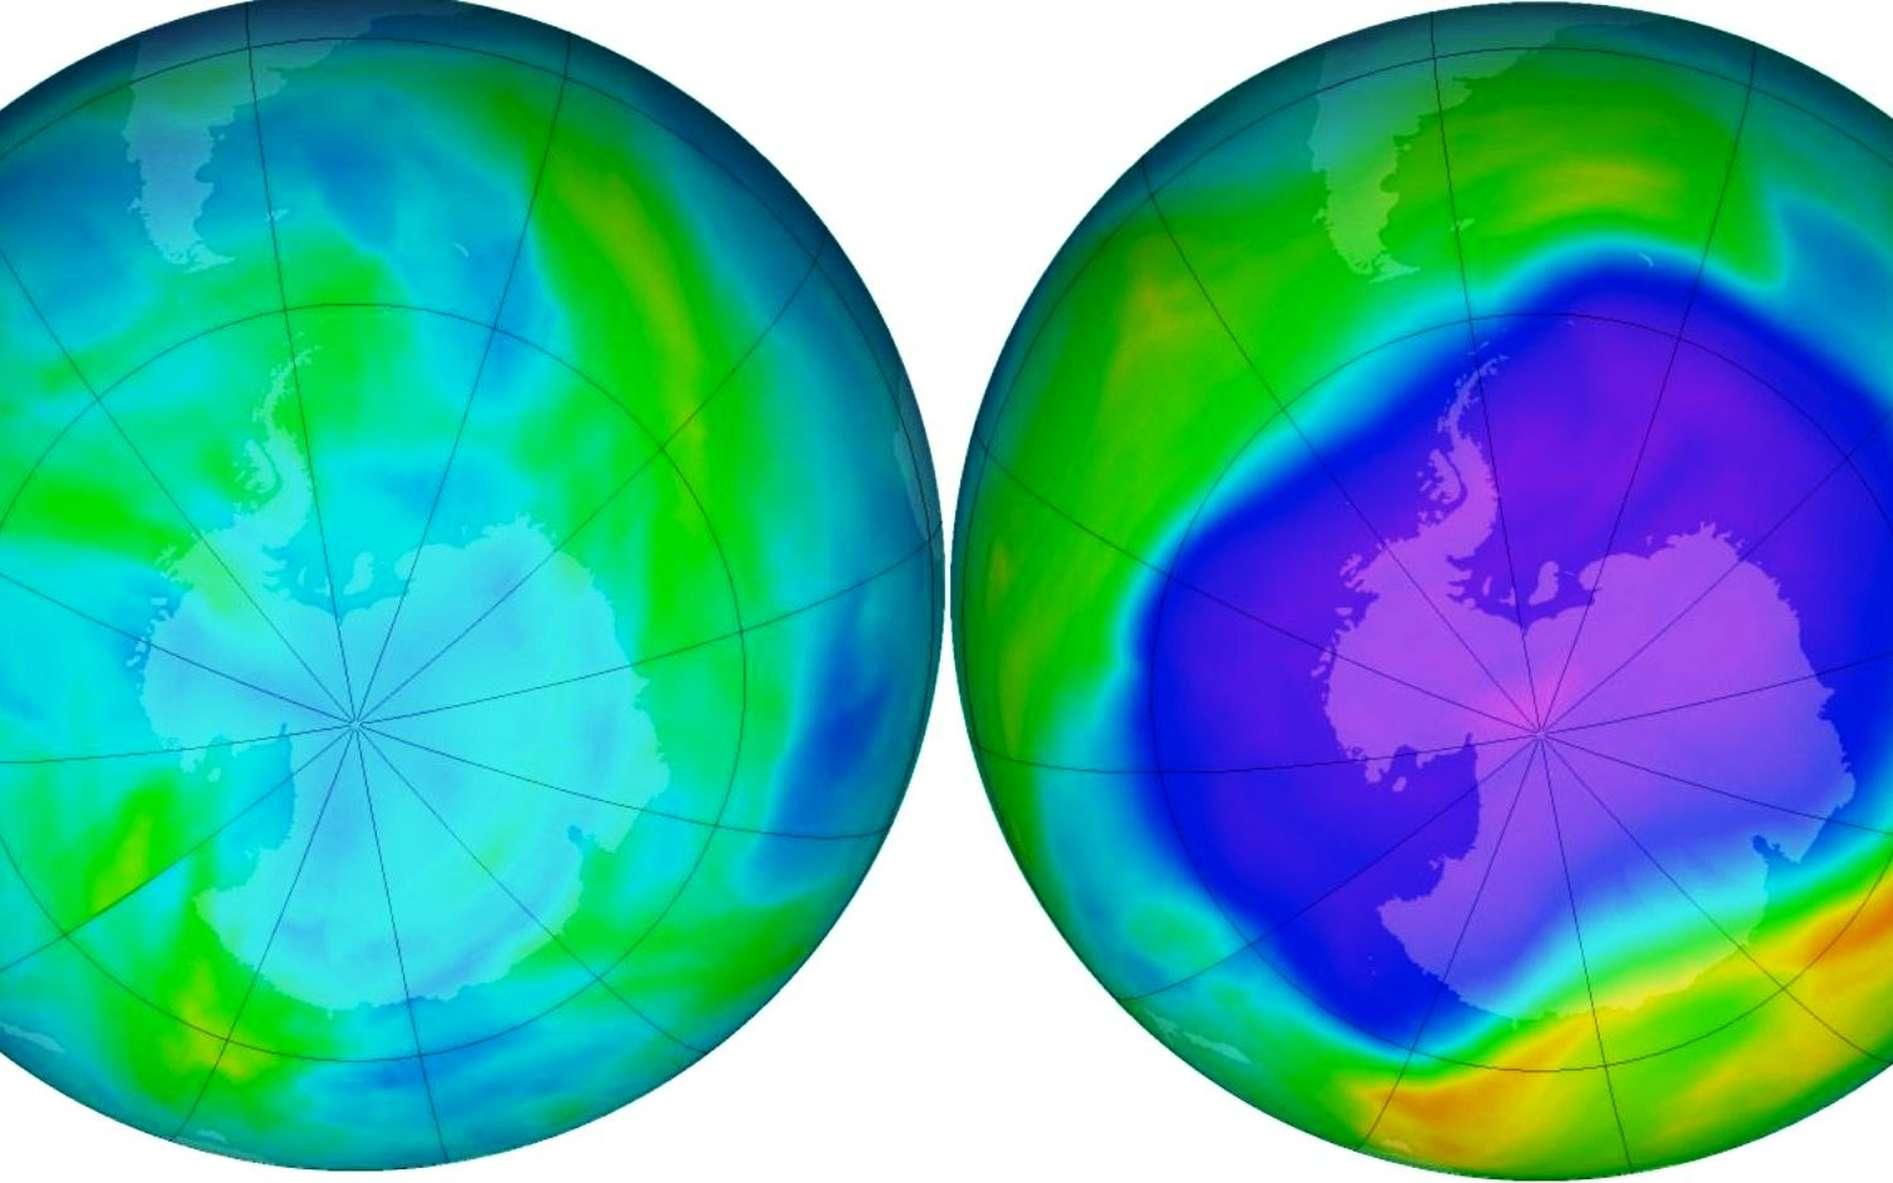 Le trou dans la couche d'ozone au-dessus de l'Antarctique s'ouvre et se ferme au gré des saisons. Durant l'hiver austral, l'ozone stratosphérique est en quantité normale (l'image de gauche montre la situation en avril 2006). La quasi-totalité se trouve détruite chaque année au printemps austral (comme sur l'image de droite, en septembre 2006). L'épaisseur totale d'ozone est alors diminuée de moitié. Une diminution de l'ozone se produit également, mais avec une moindre amplitude, au printemps boréal au-dessus de l'Arctique. © NOAA, KNMI, ESA